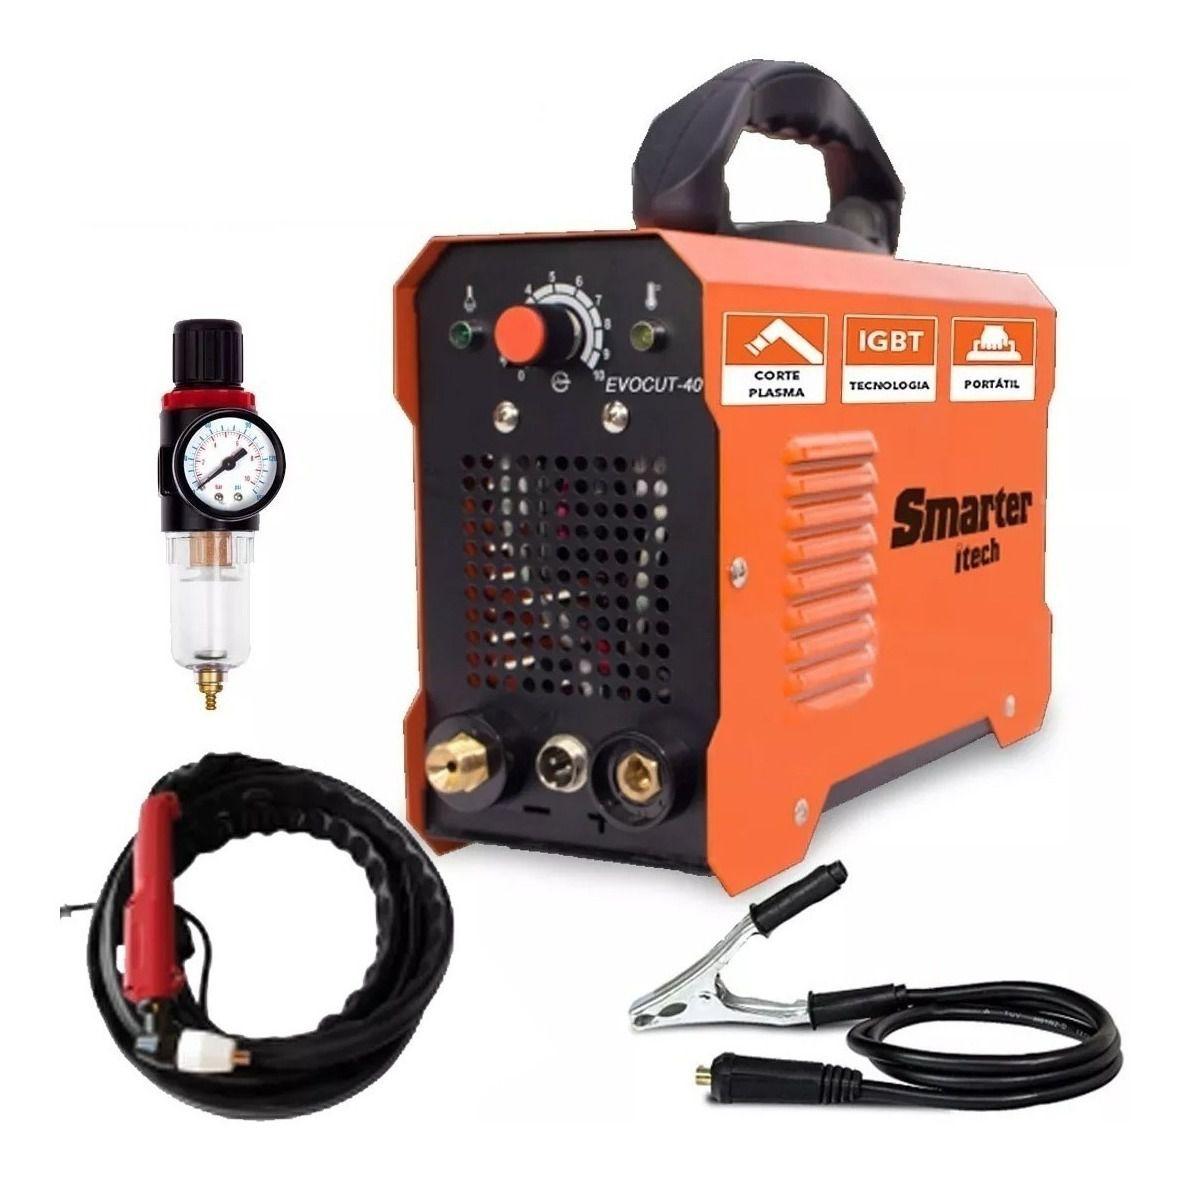 Maquina Corte Plasma Manual EVOCUT 40 220V-SMARTER